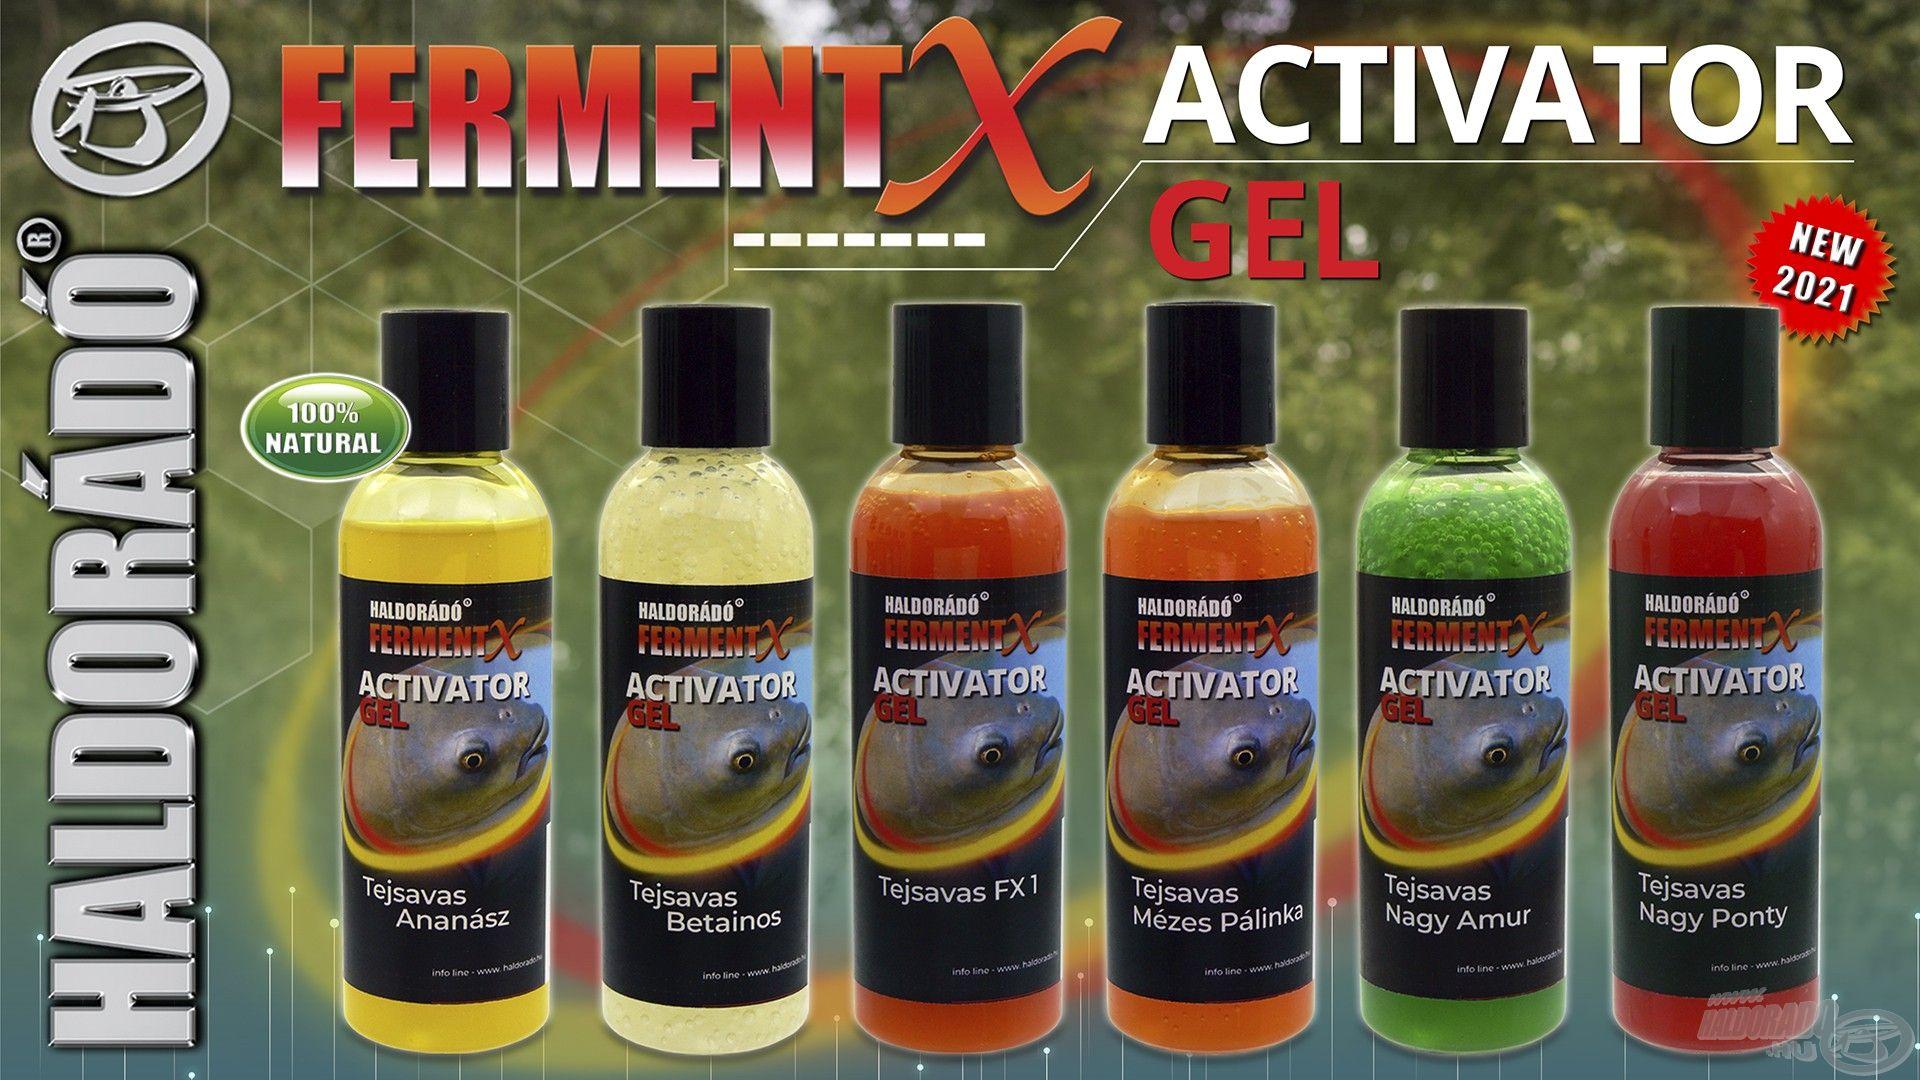 """A FermentX Activator Gel egy egyedi fermentációs eljárással készült """"zselészerű"""" aroma. A termékcsalád a 6 legfogósabb nyári ízesítésünkben érhető el!"""